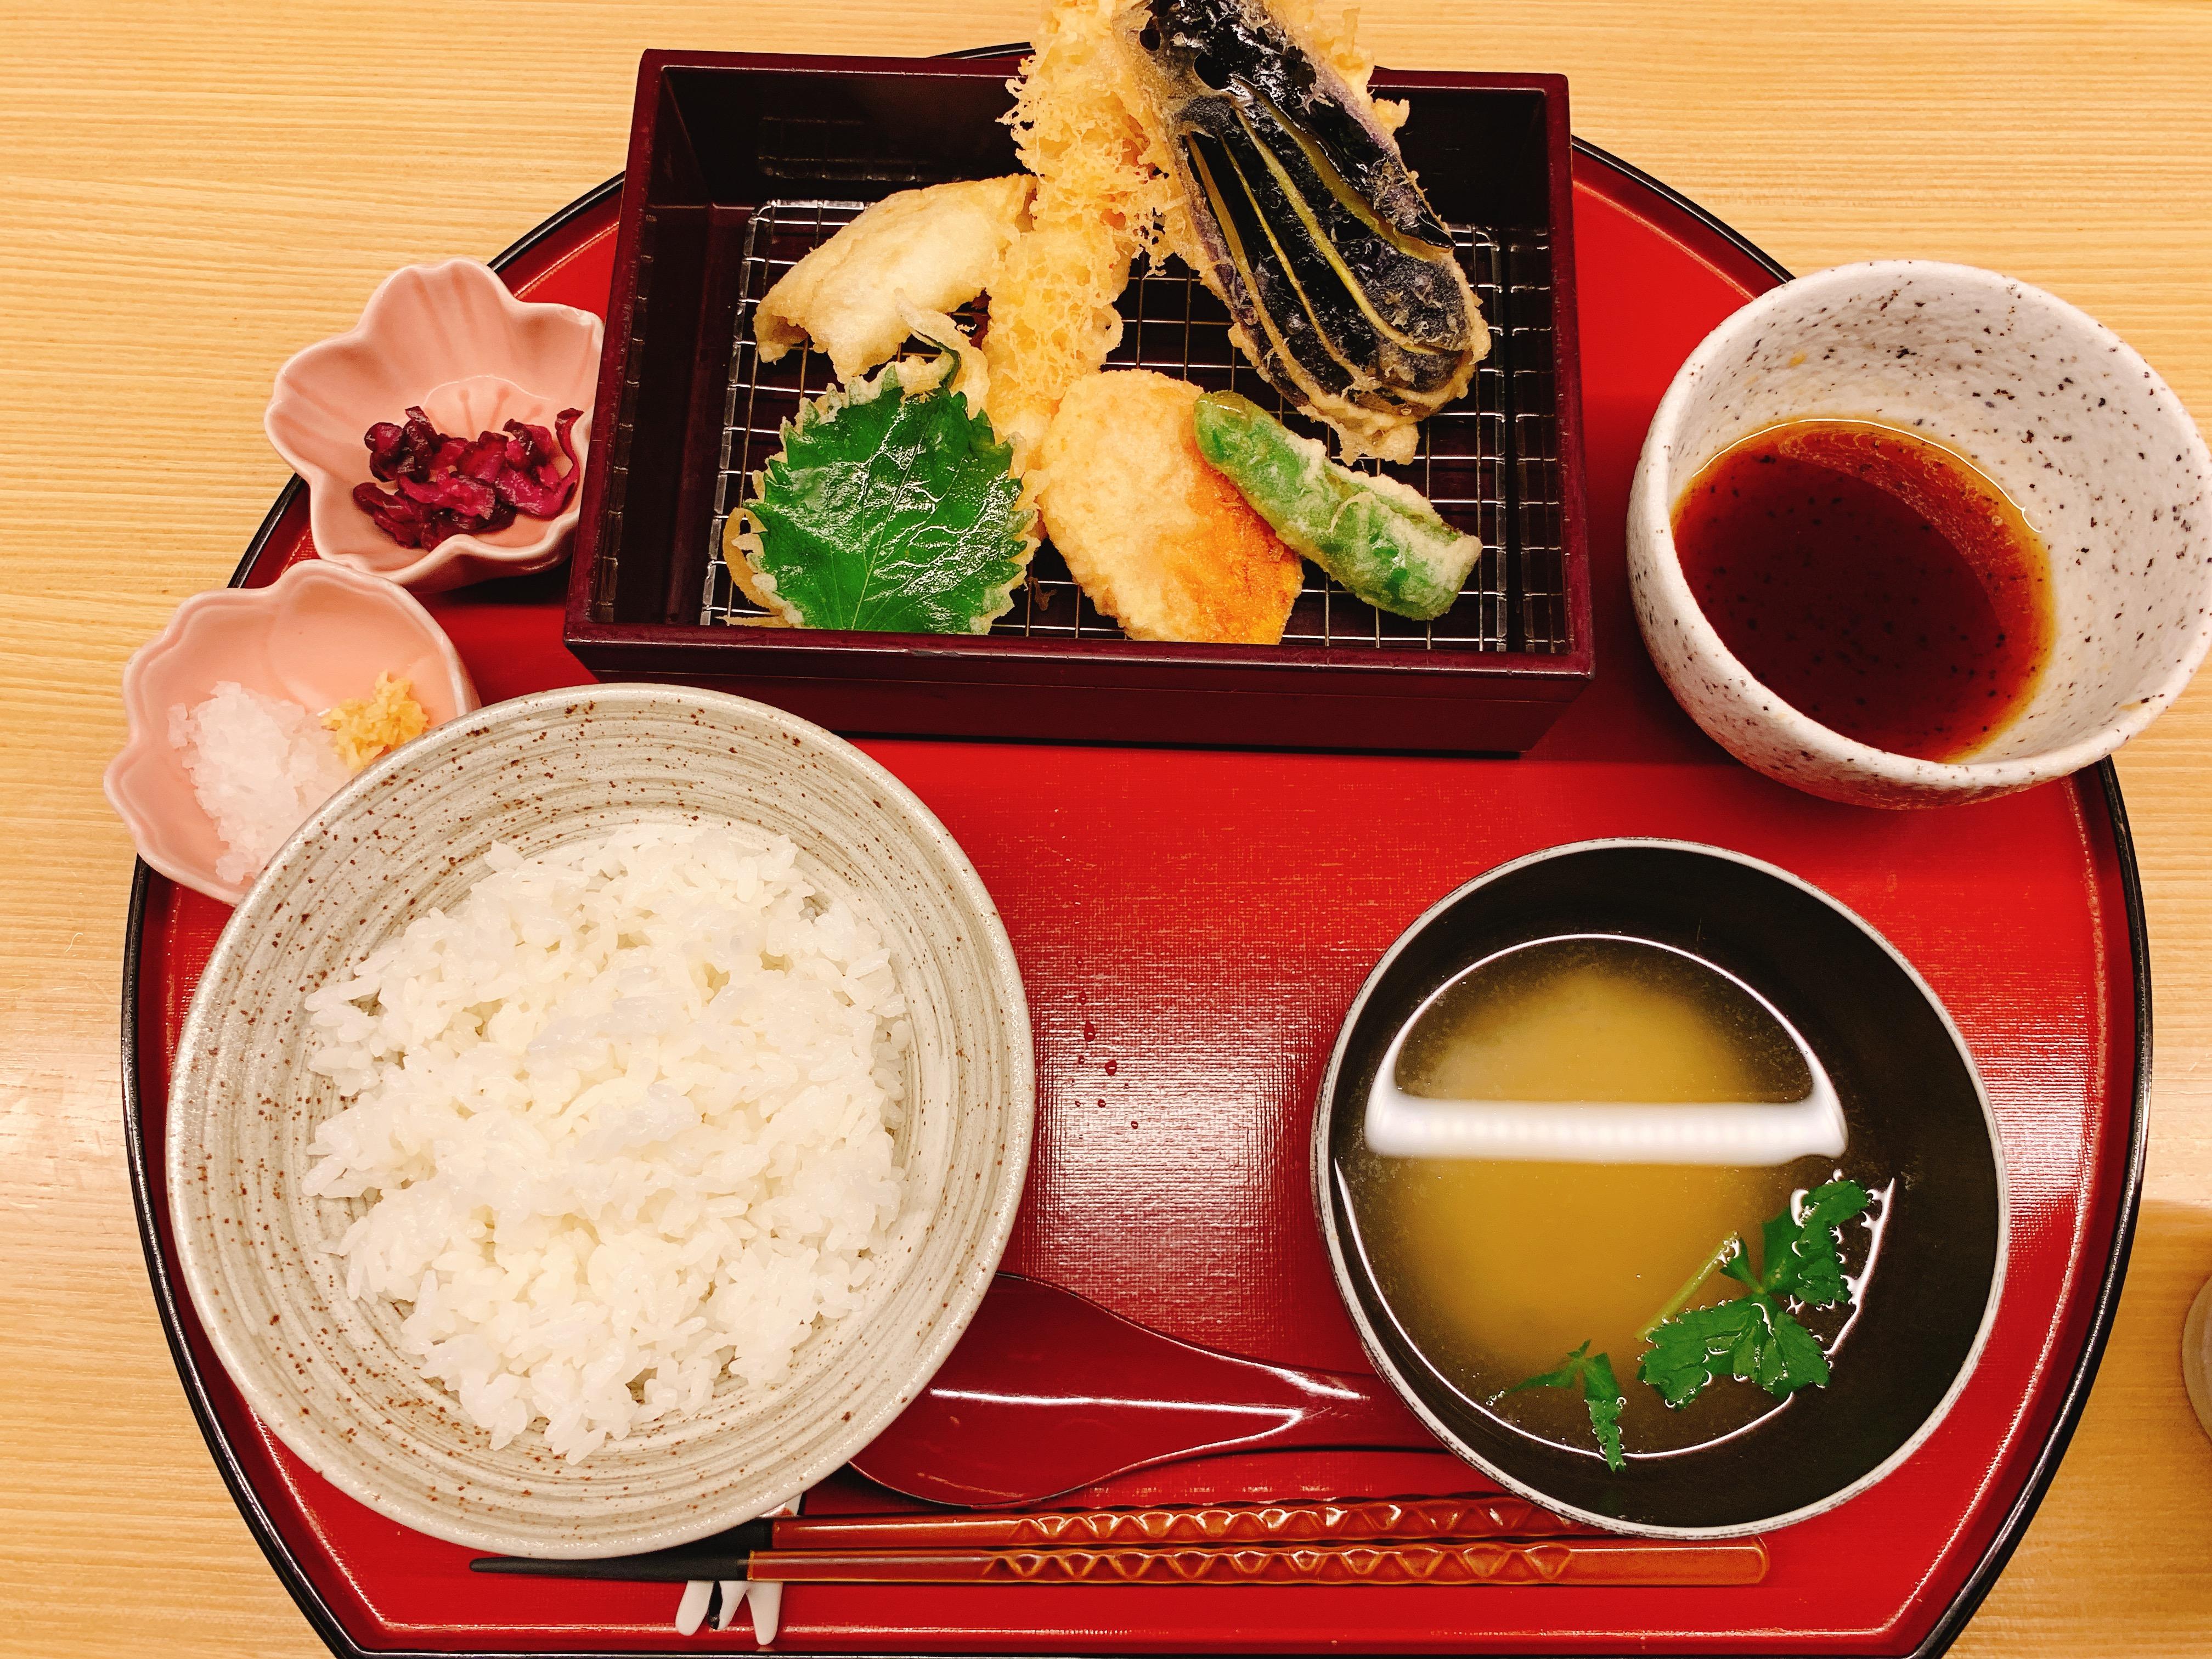 銀座 天ぷらやす田 ランチ 天ぷら定食